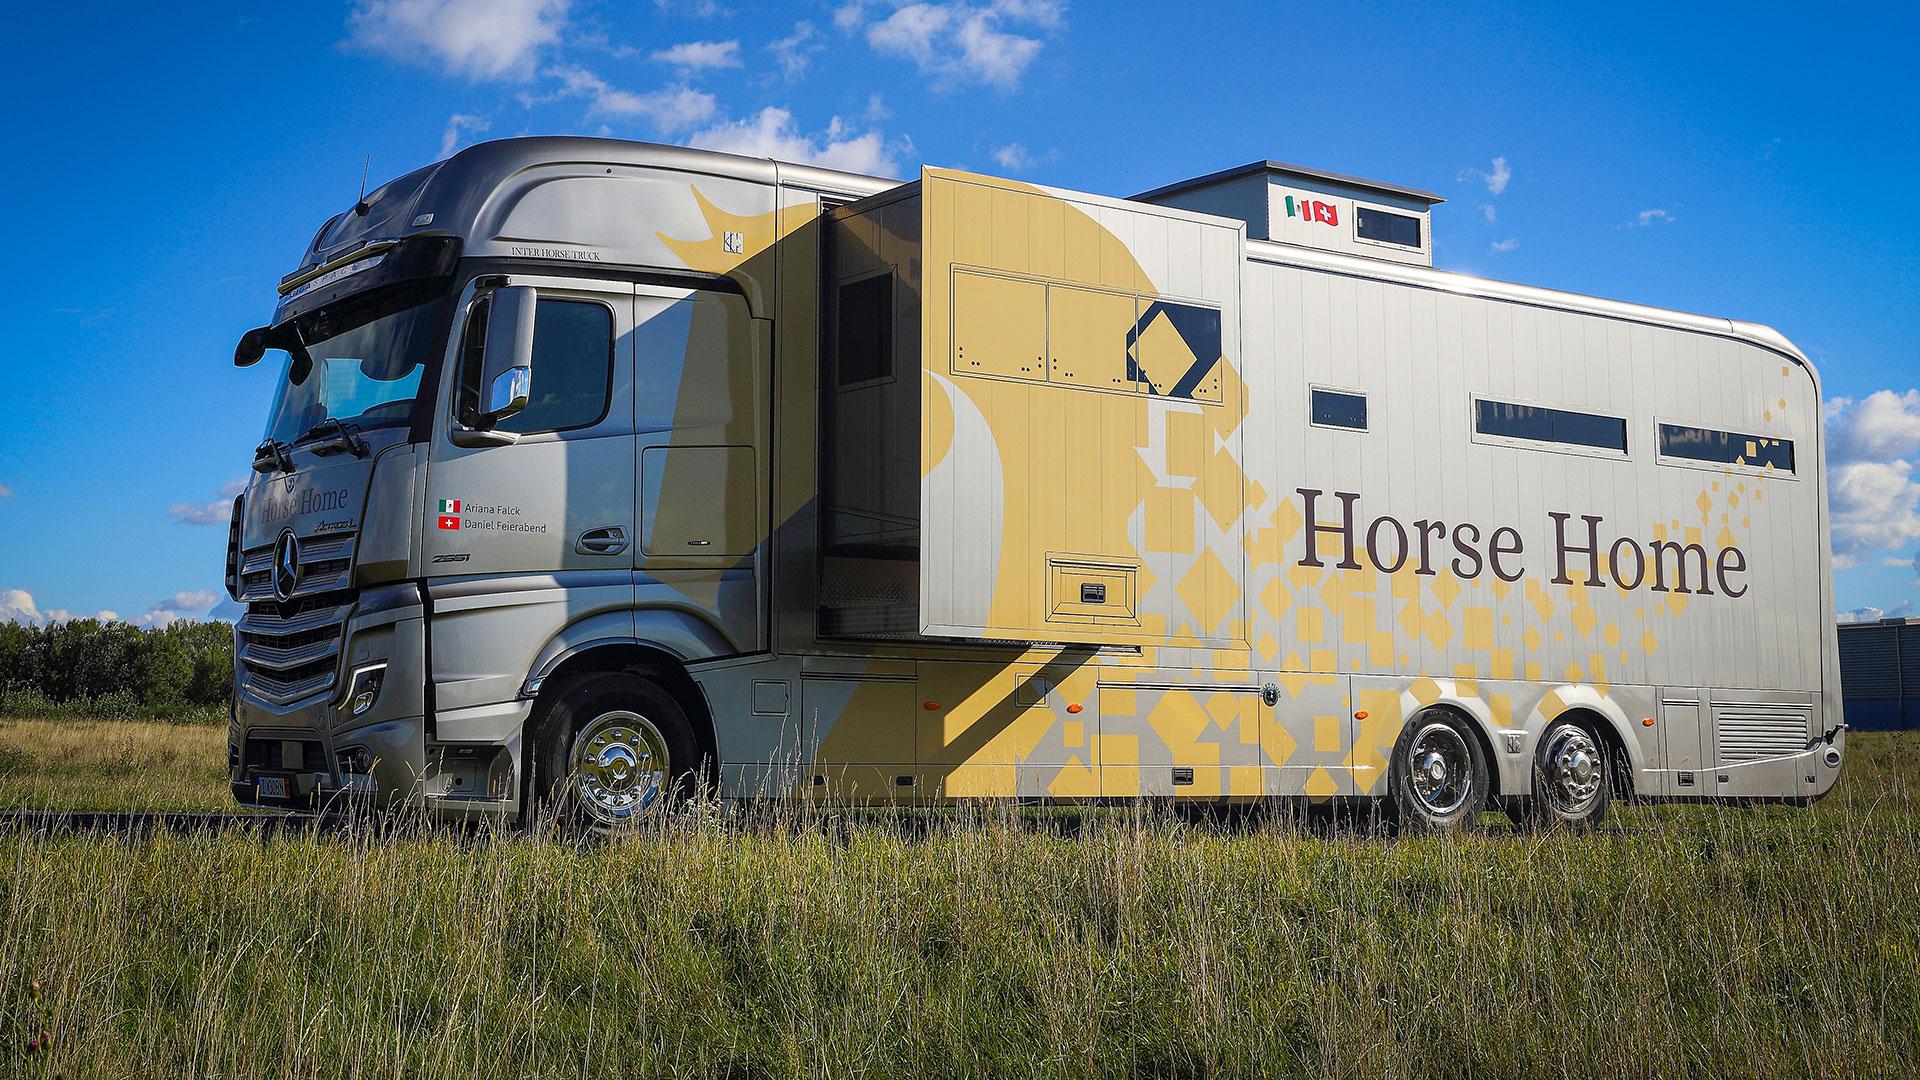 Inter Horse Truck